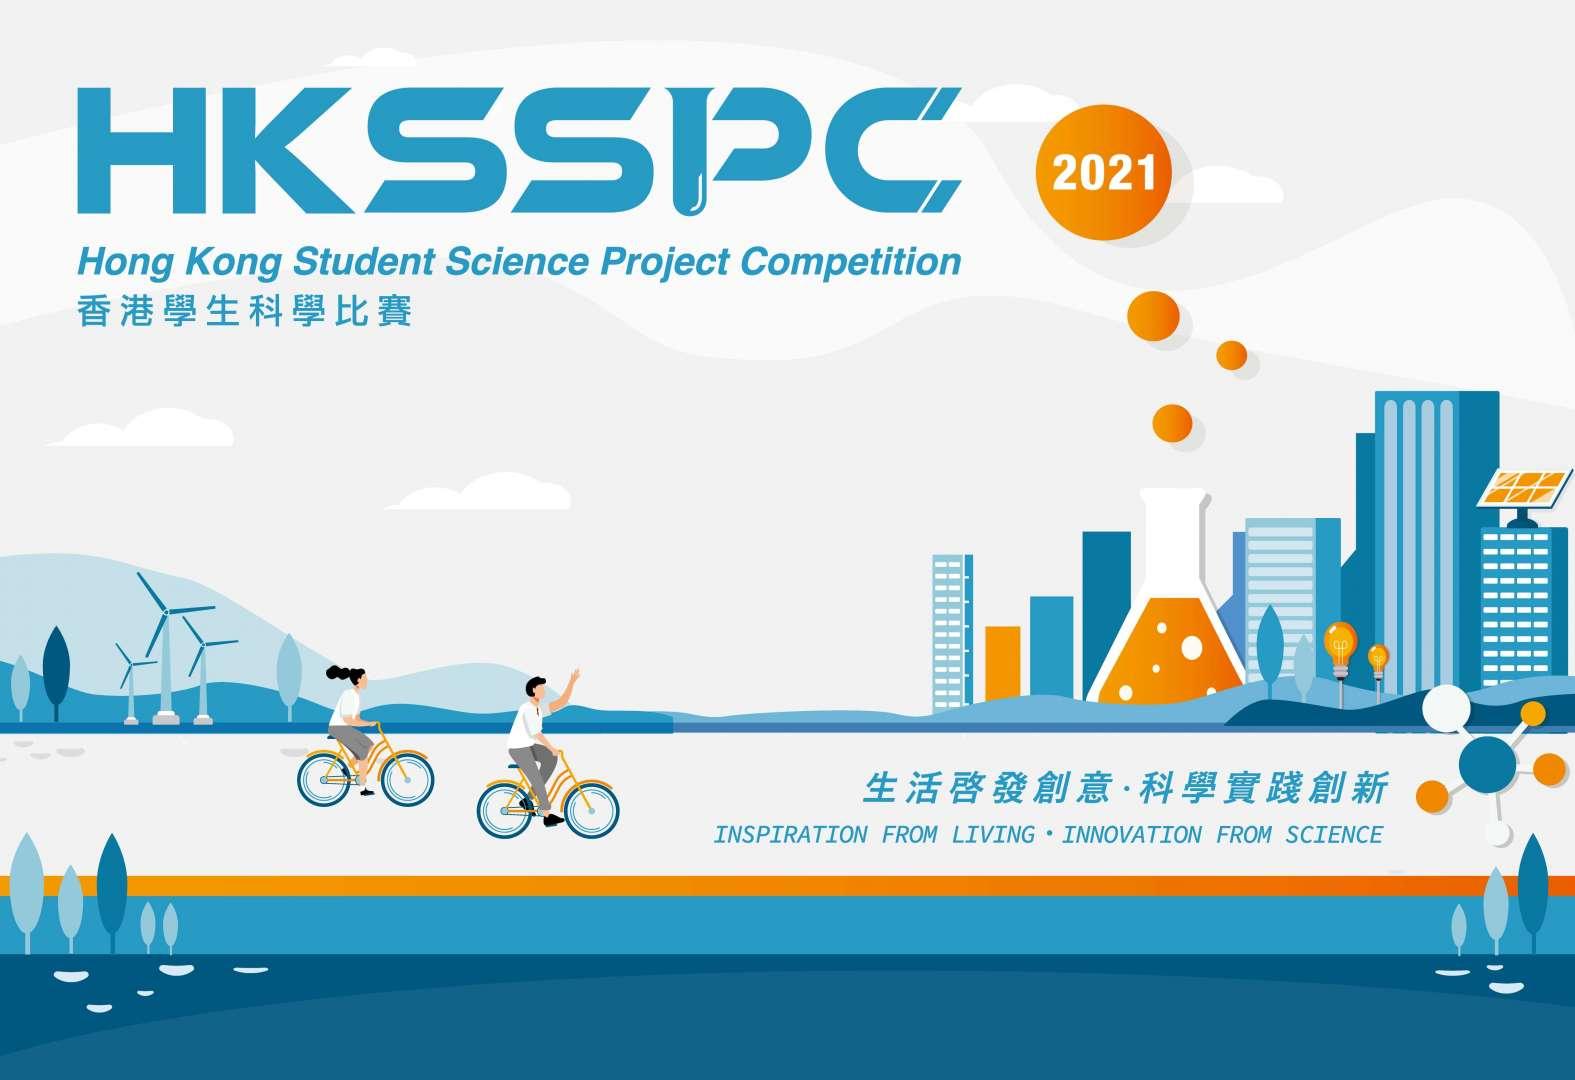 2021 香港學生科學比賽 / Hong Kong Student Science Project Competition 2021